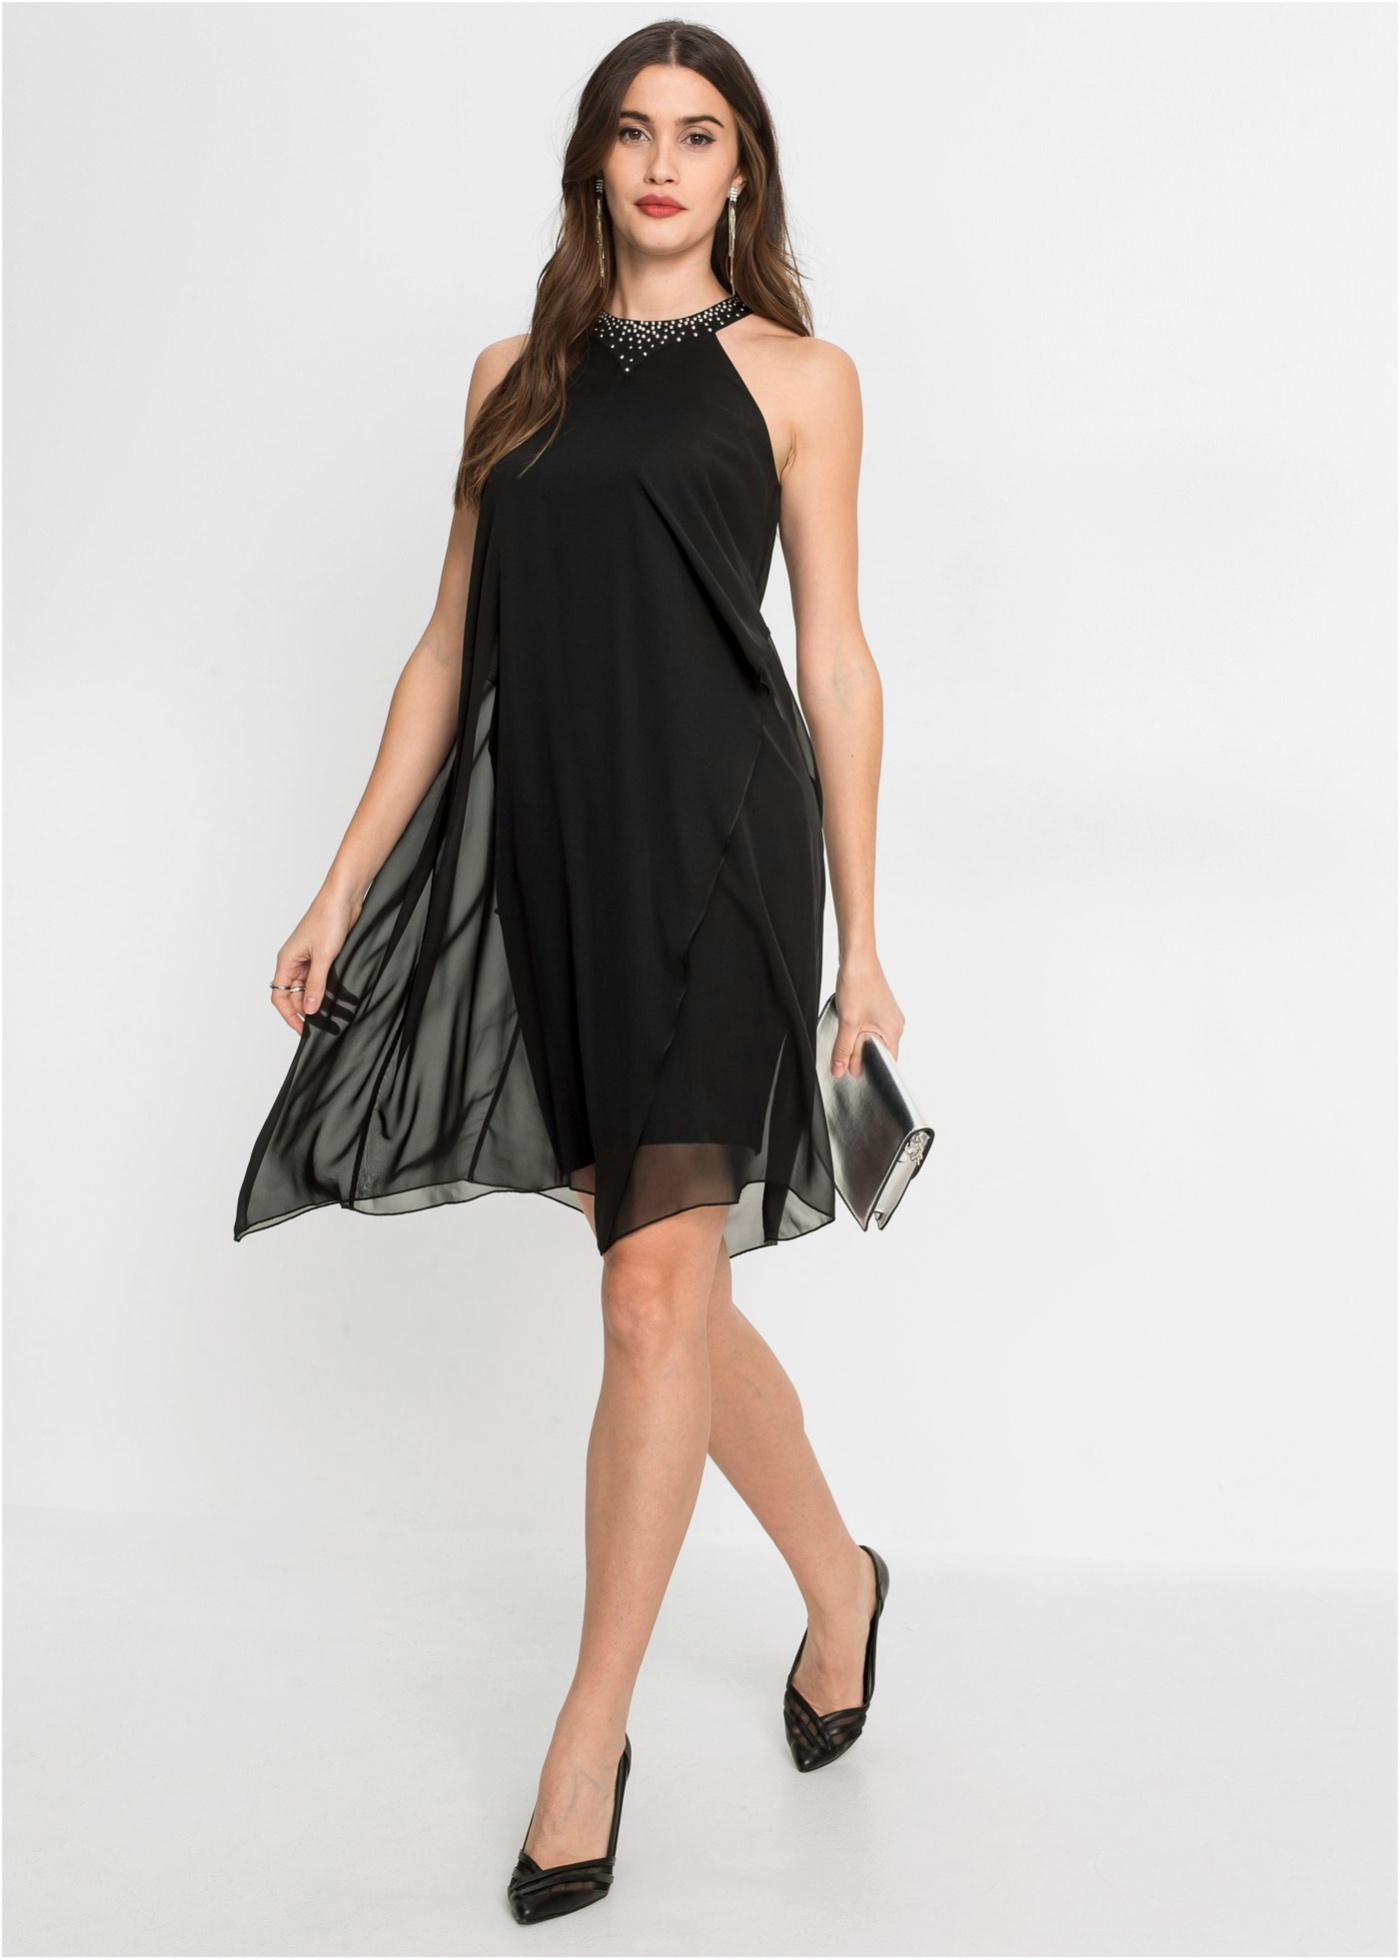 Kleid mit Chiffon und Applikation, BODYFLIRT